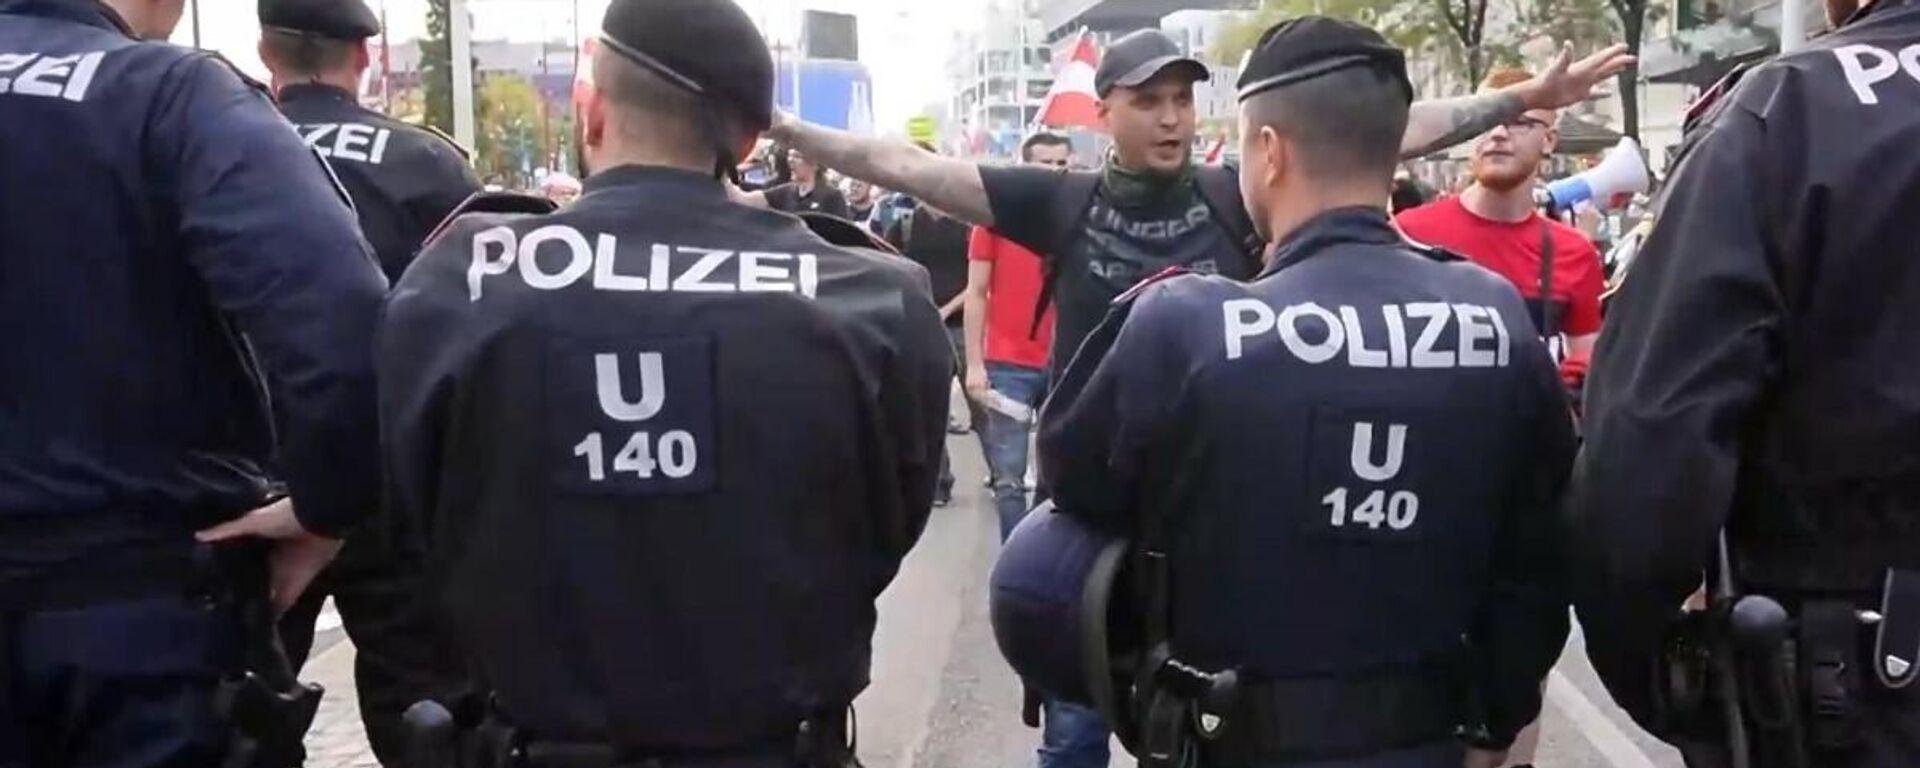 Austria: gli scettici Covid si scontrano con la polizia durante protesta contro nuove restrizioni - Sputnik Italia, 1920, 12.09.2021